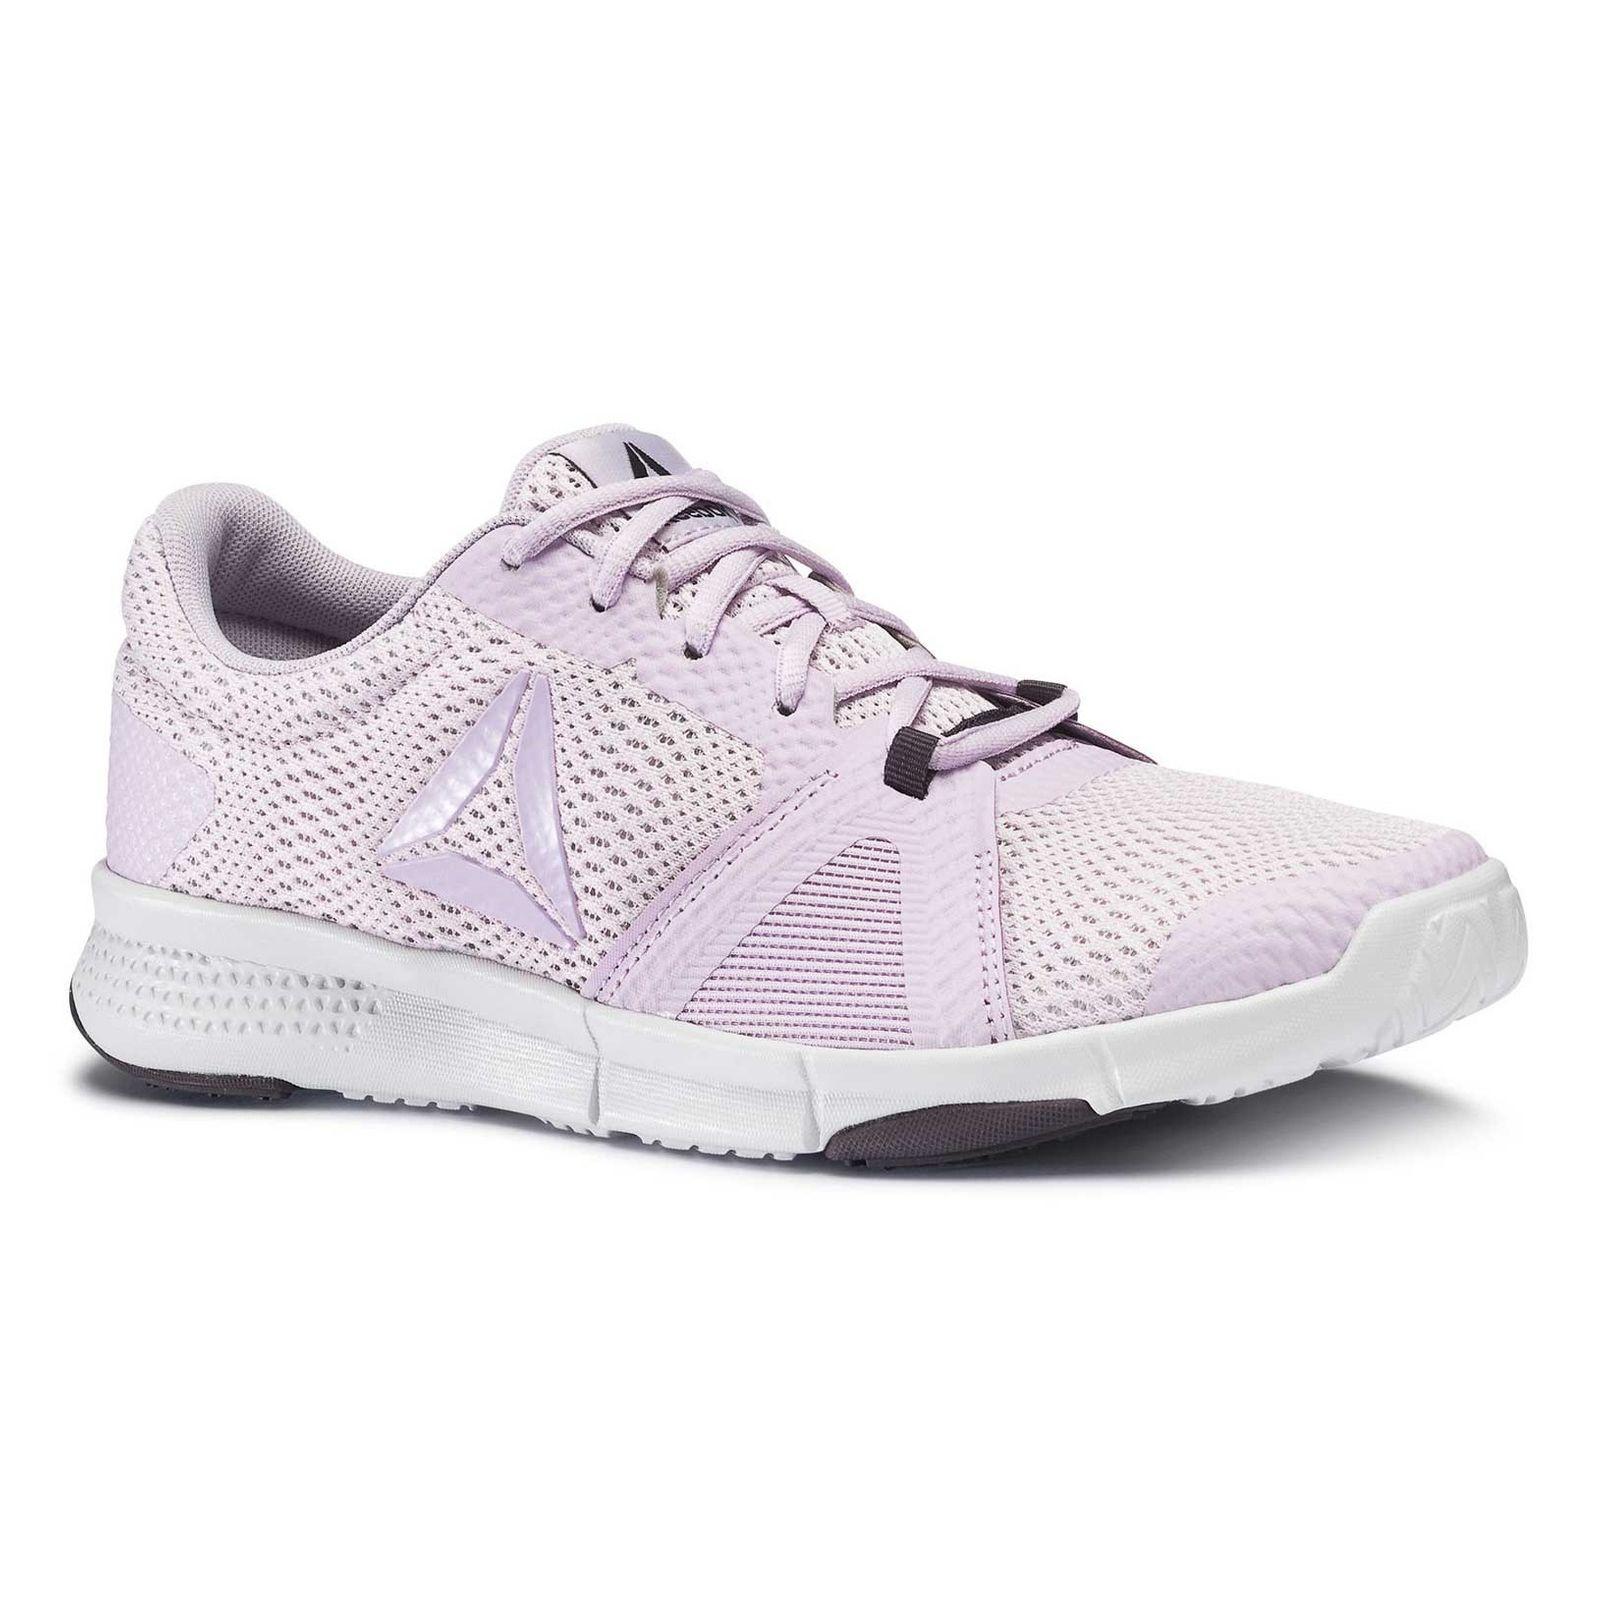 کفش تمرین بندی زنانه Flexile - ریباک - صورتی - 7